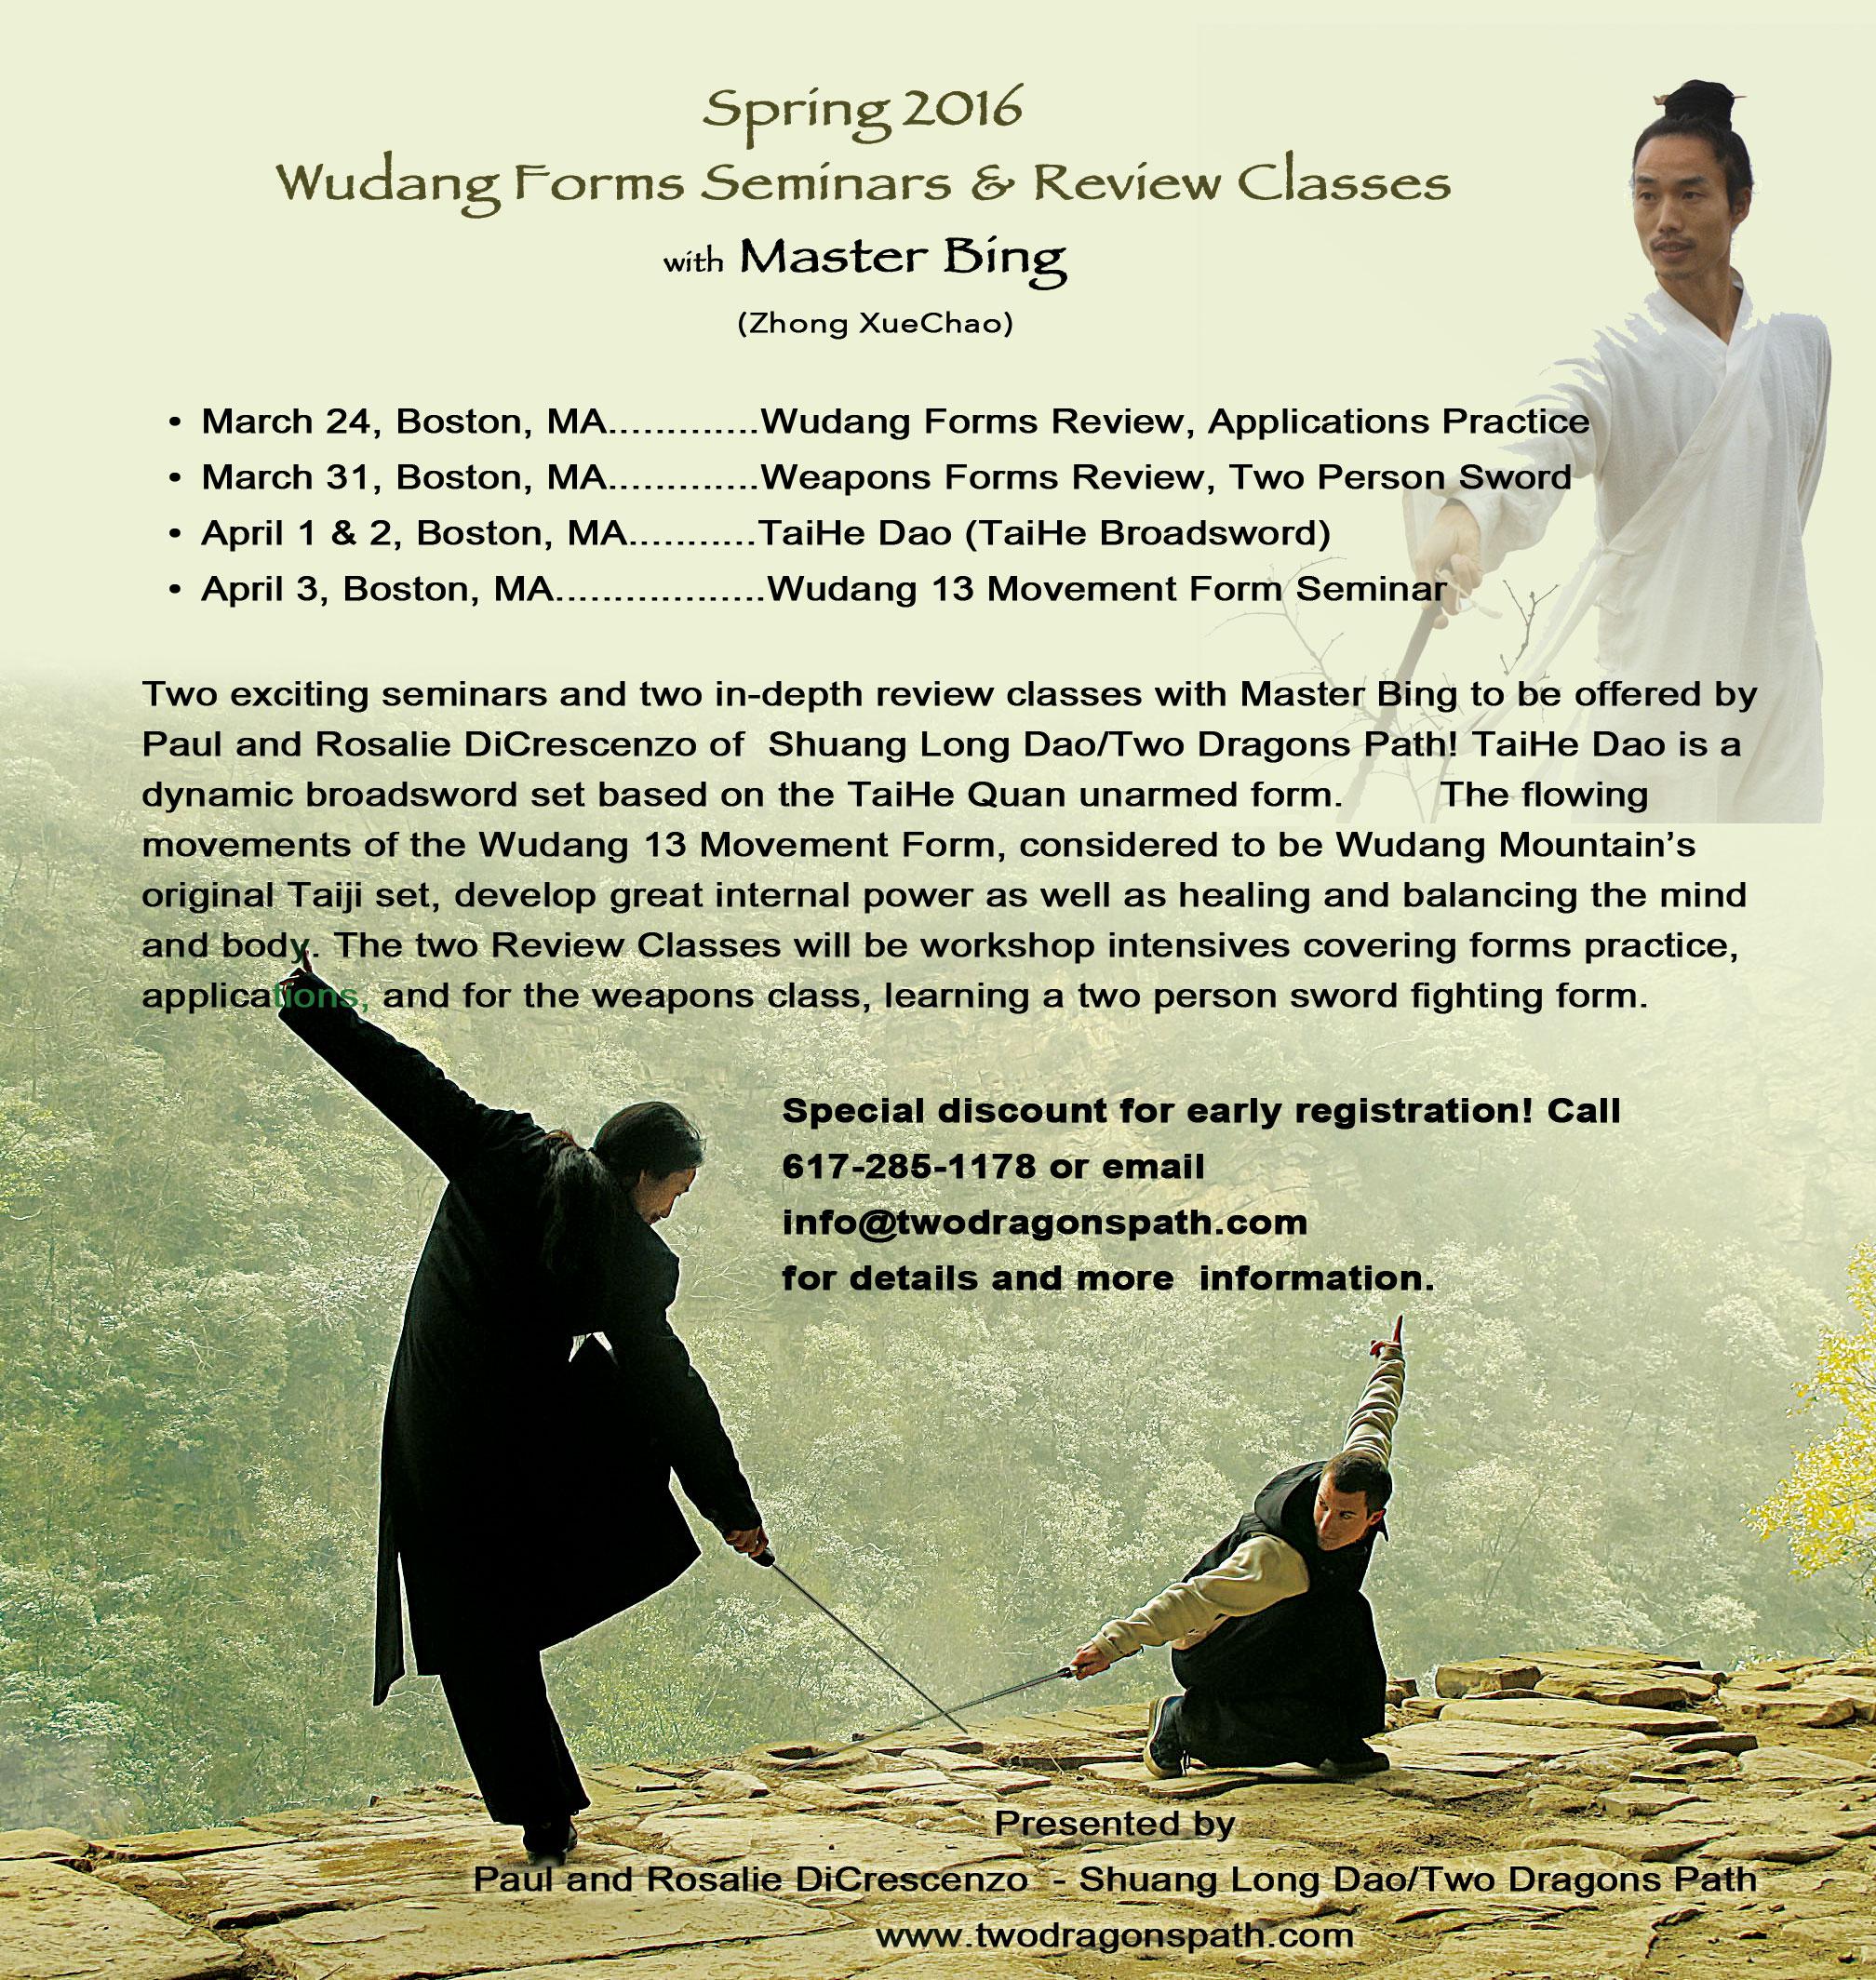 Wudang Seminar with Master Bing